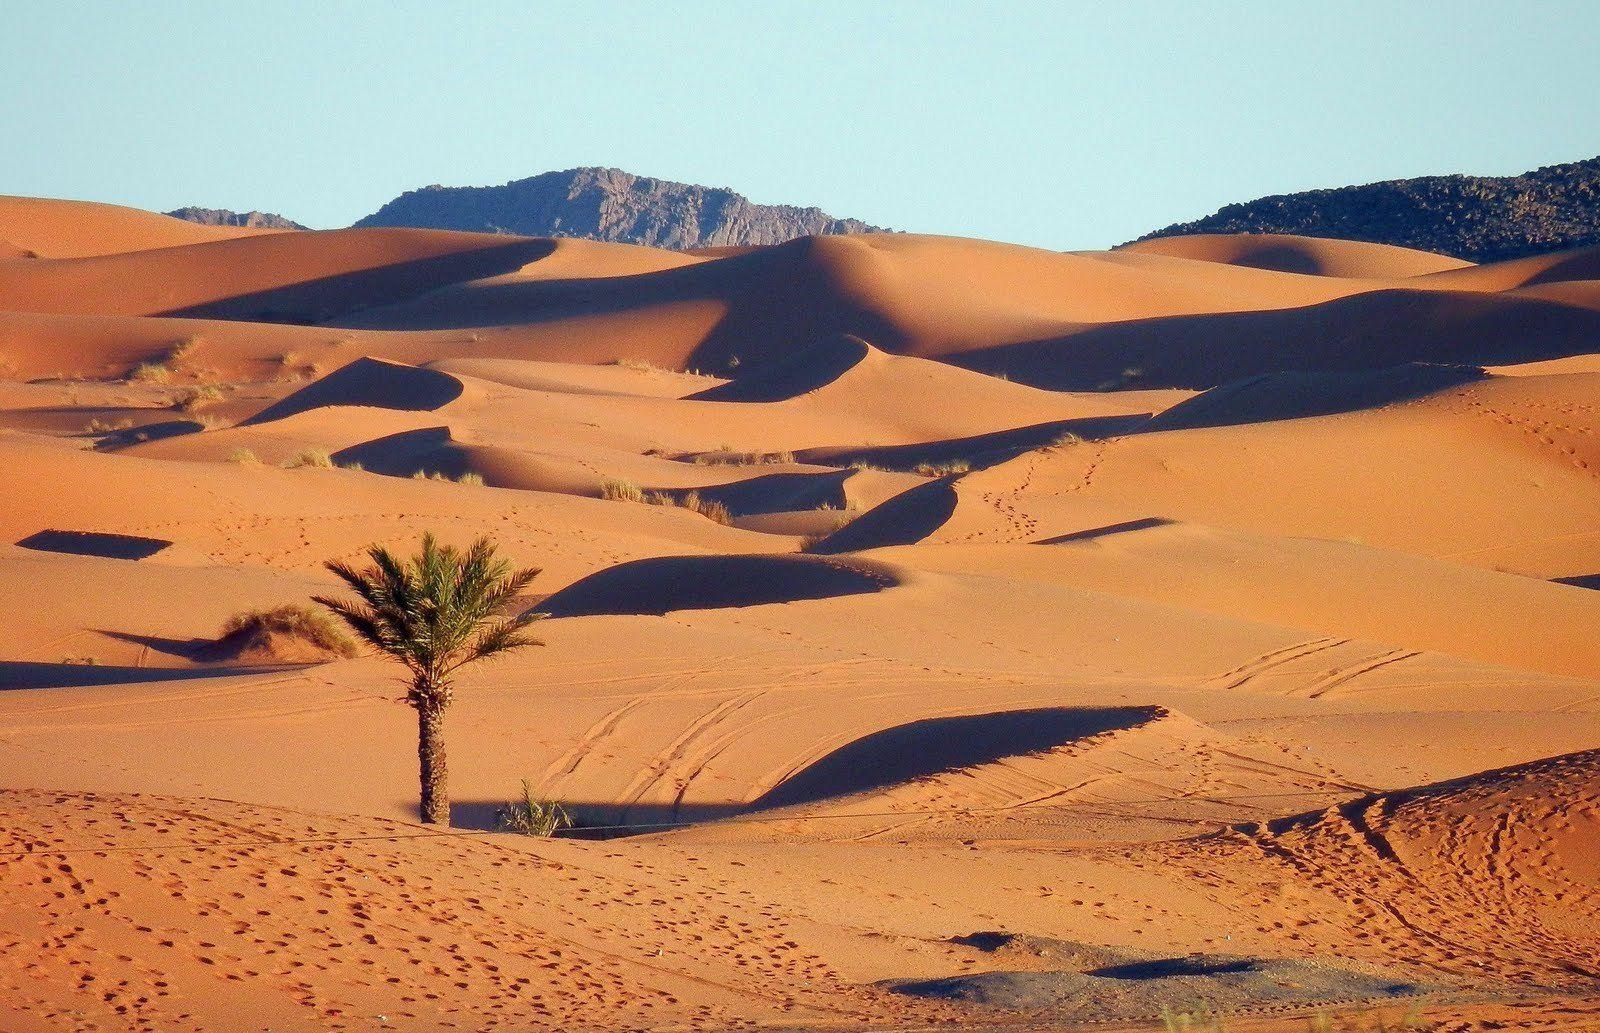 месту картинки природной зоны пустыни ходят